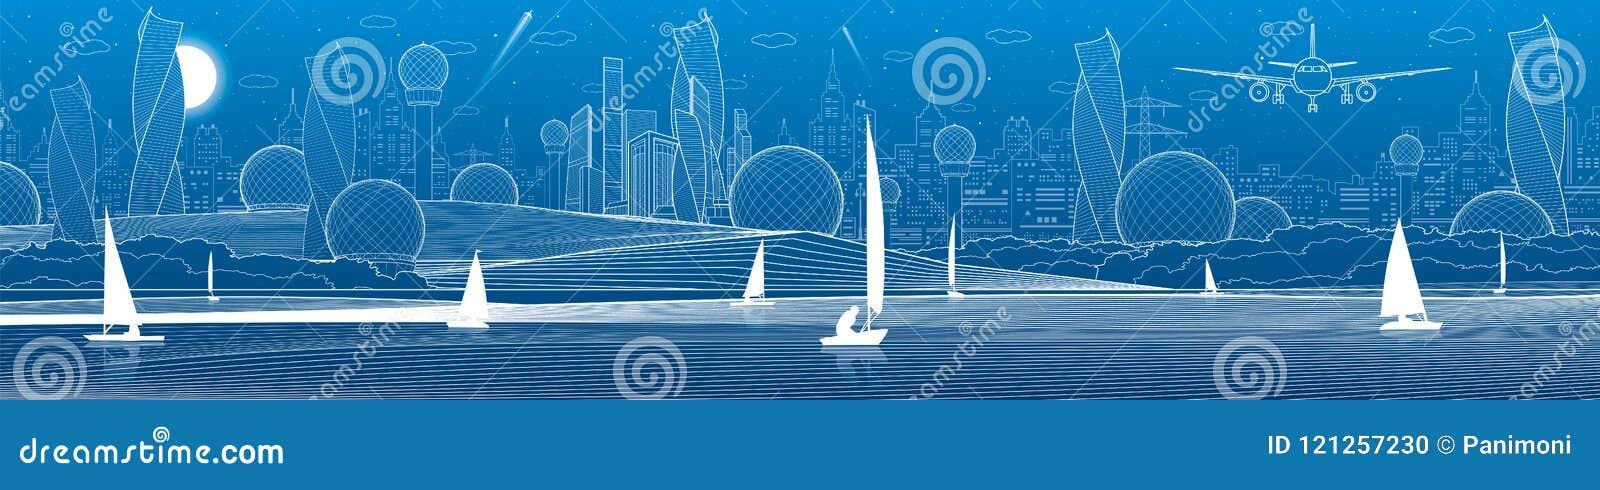 Illustration panoramique d infrastructure futuriste de ville Mouche d avion Ville de nuit au fond Yachts de navigation sur l eau